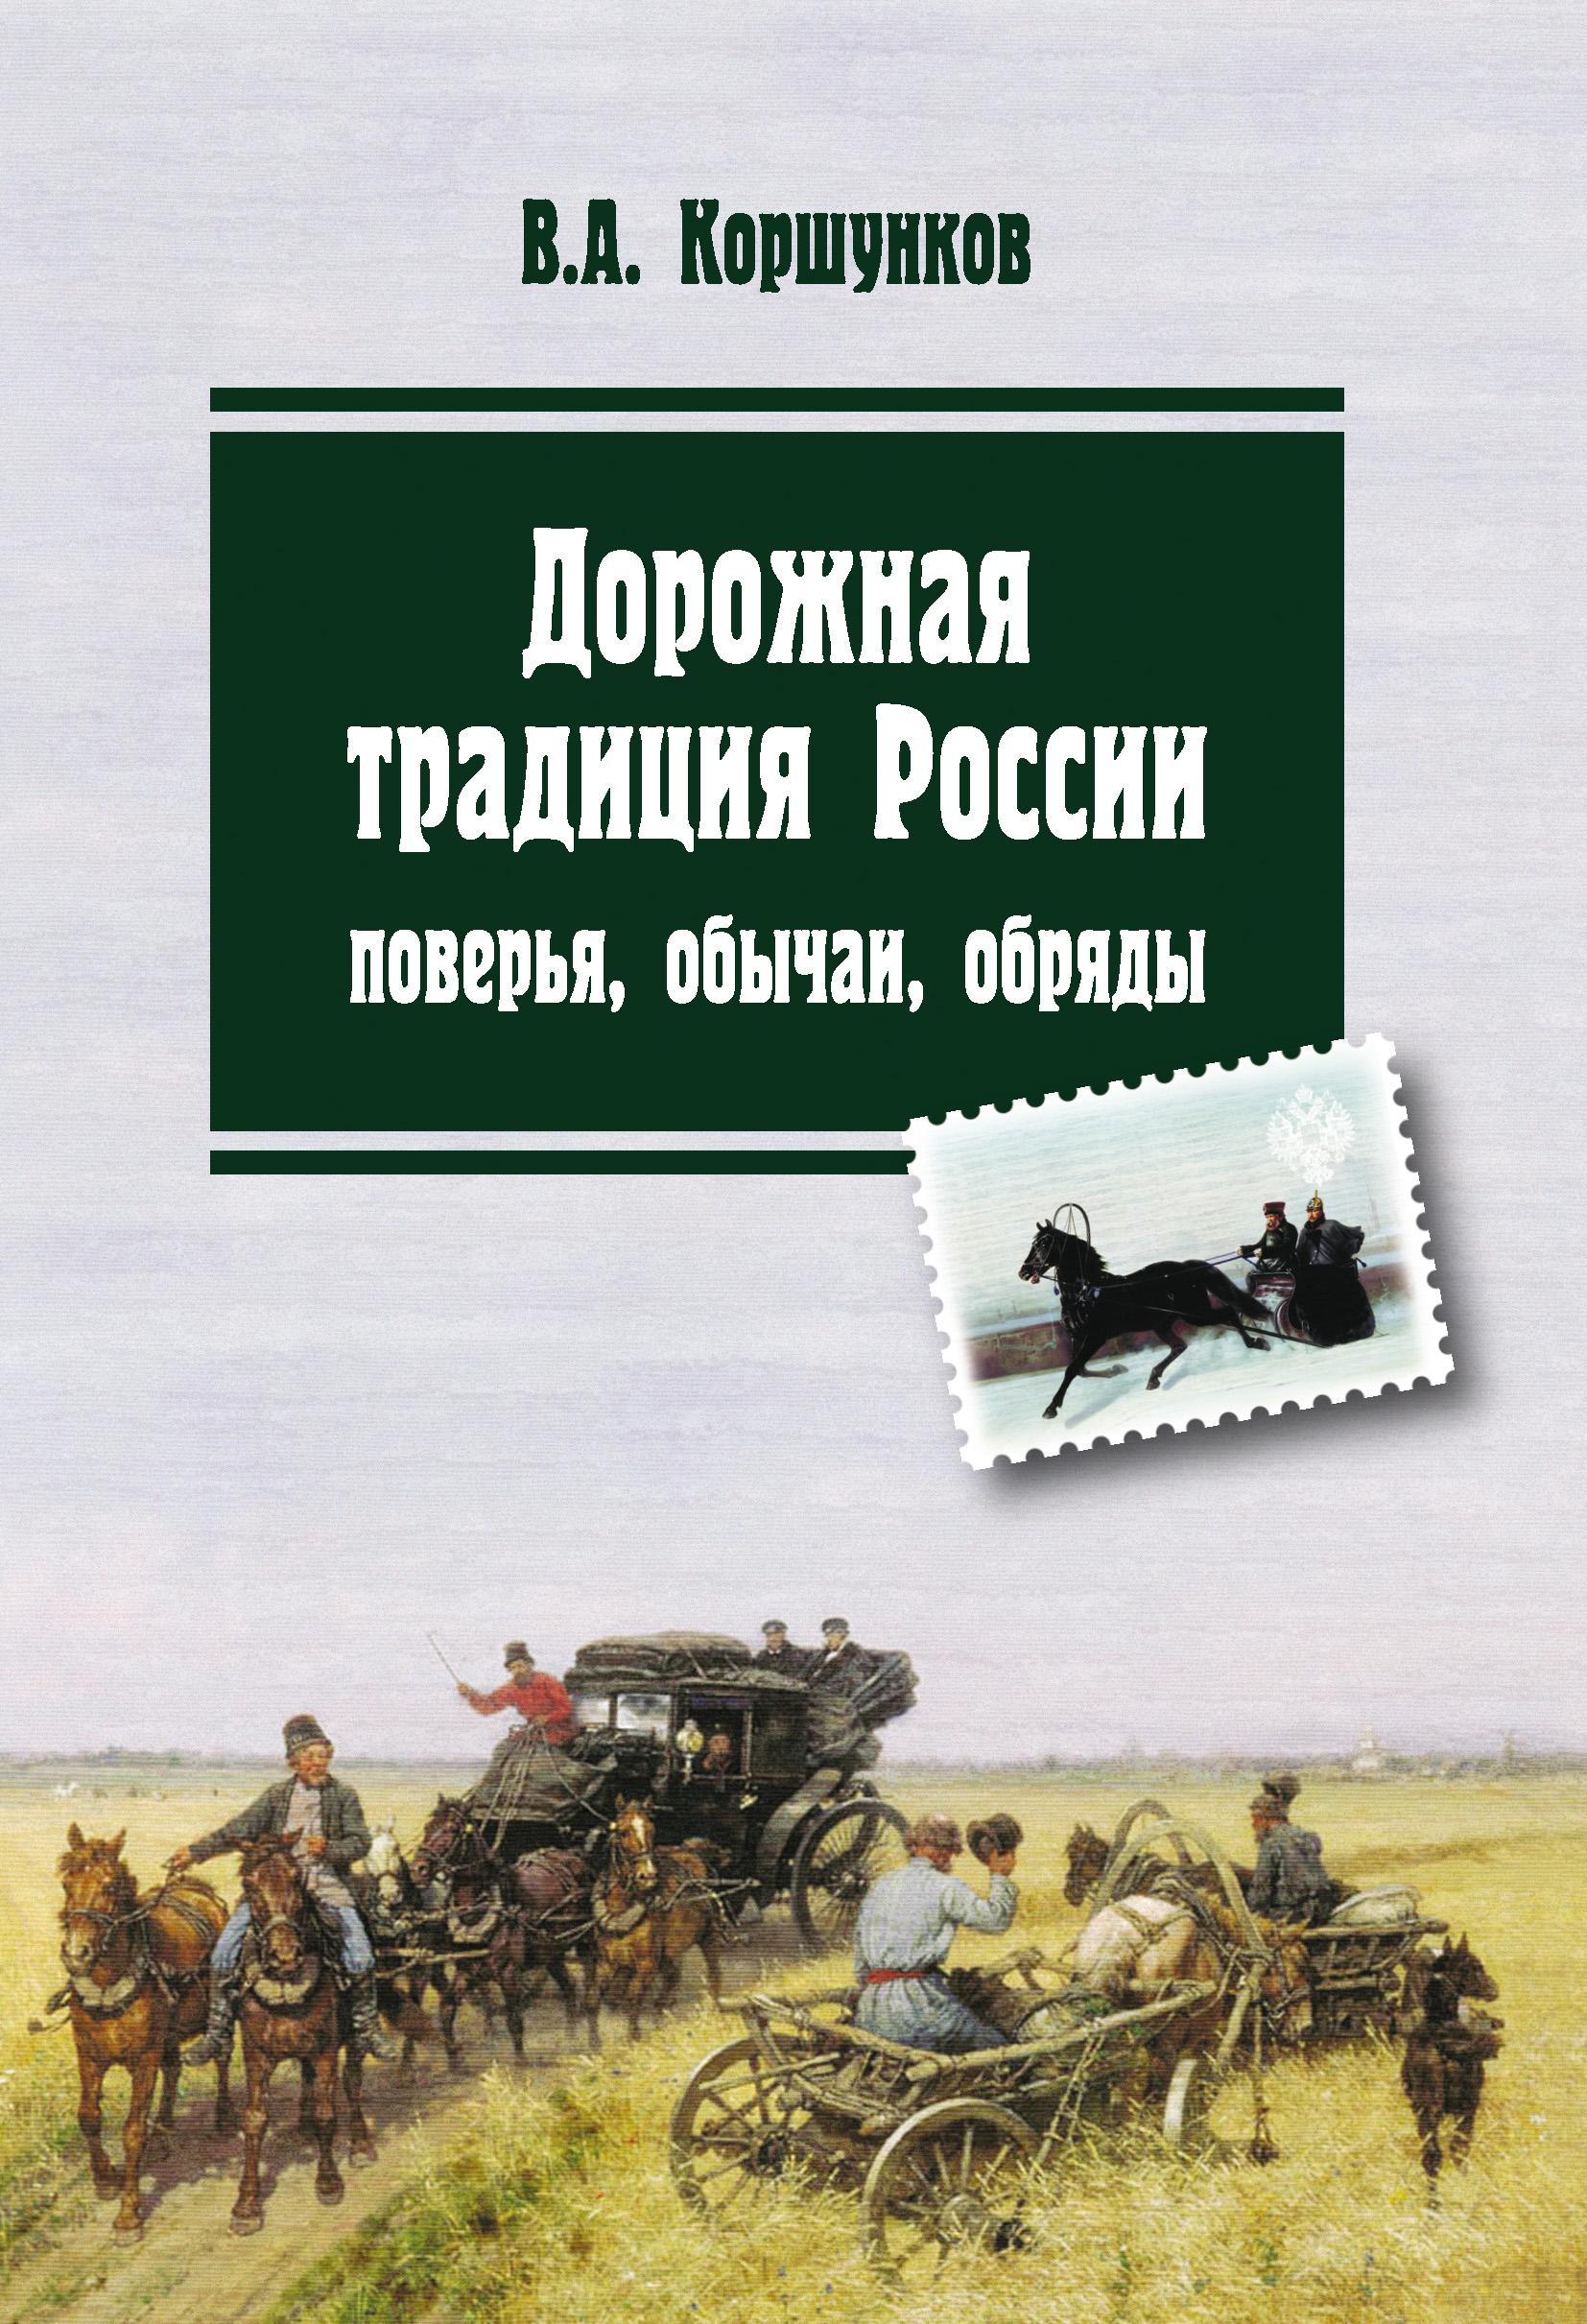 Дорожная традиция России. Поверья, обычаи, обряды